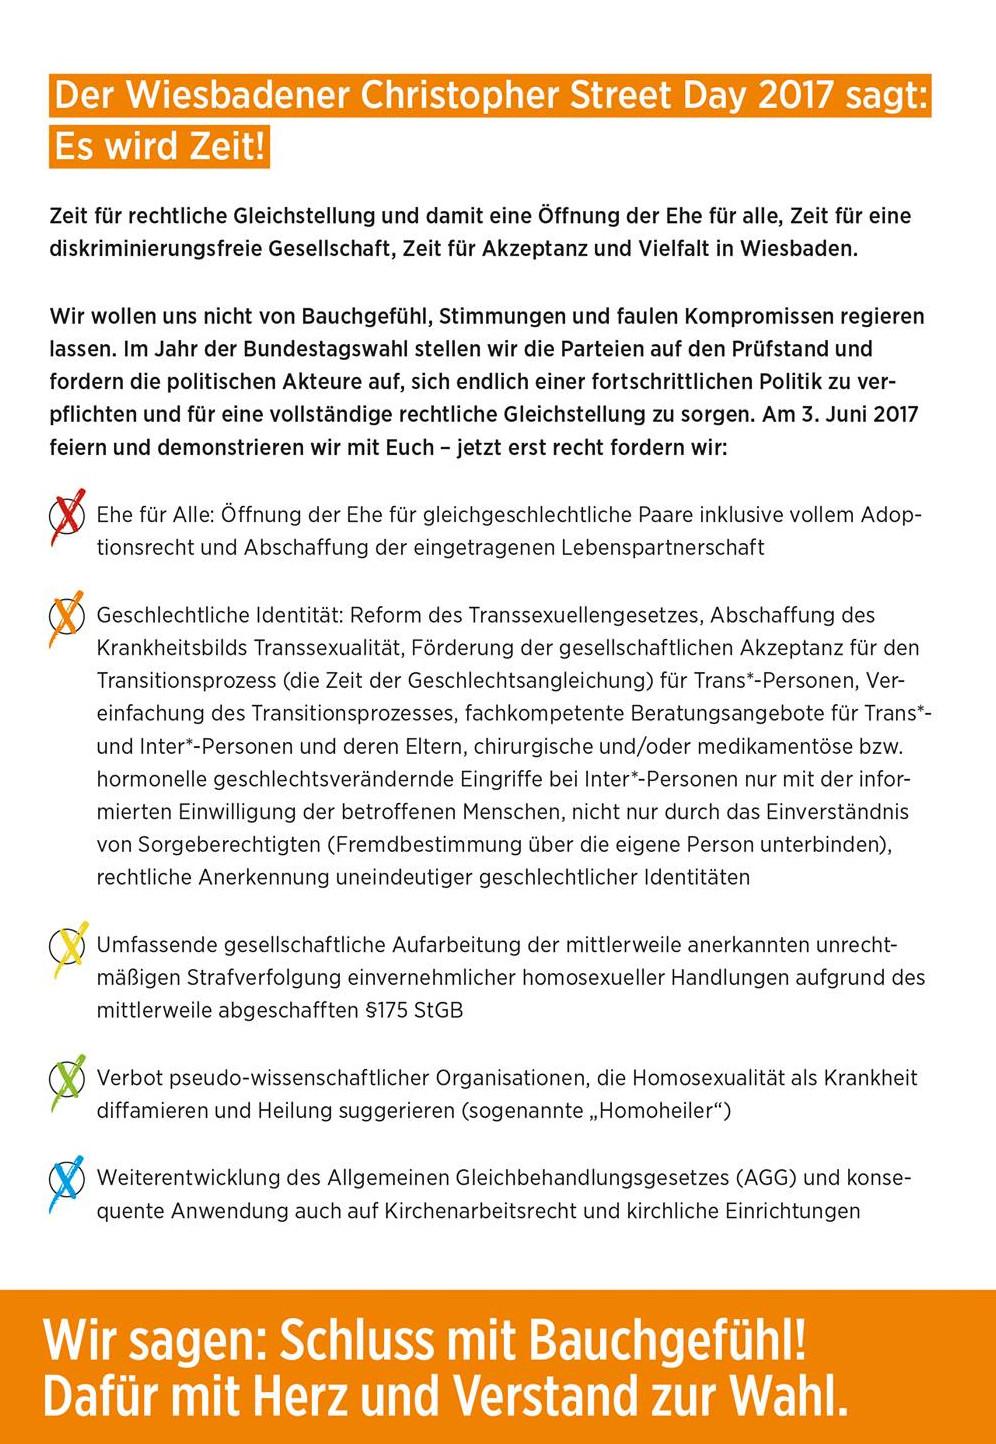 Kurz Zusammengefasst Folgen Hier Die Forderungen Des CSD Wiesbaden 2017 Noch Vor Der Eheffnung Daher Ist Dieser Punkt Enthalten